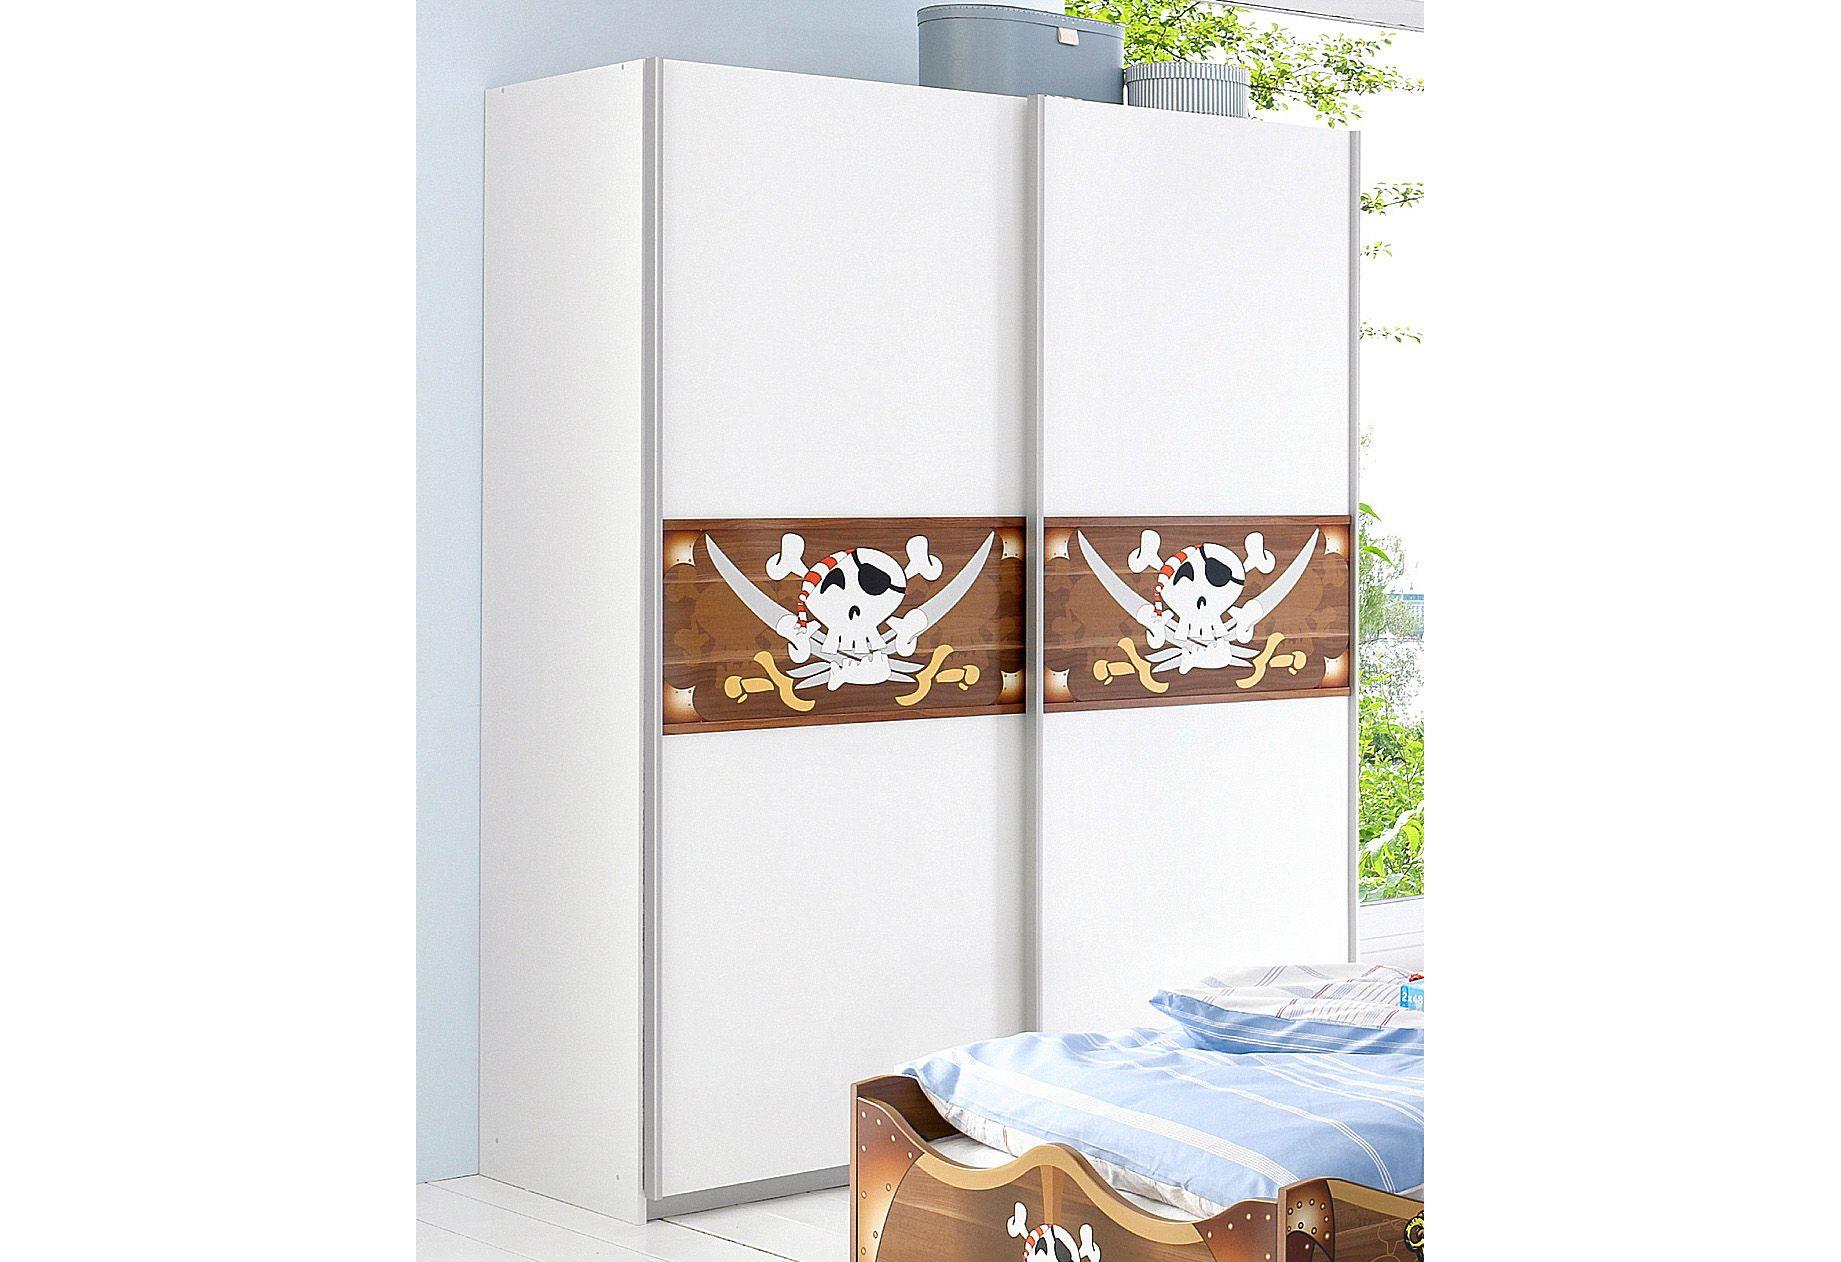 kinderschr nke im schwab online shop m bel kinderzimmer. Black Bedroom Furniture Sets. Home Design Ideas